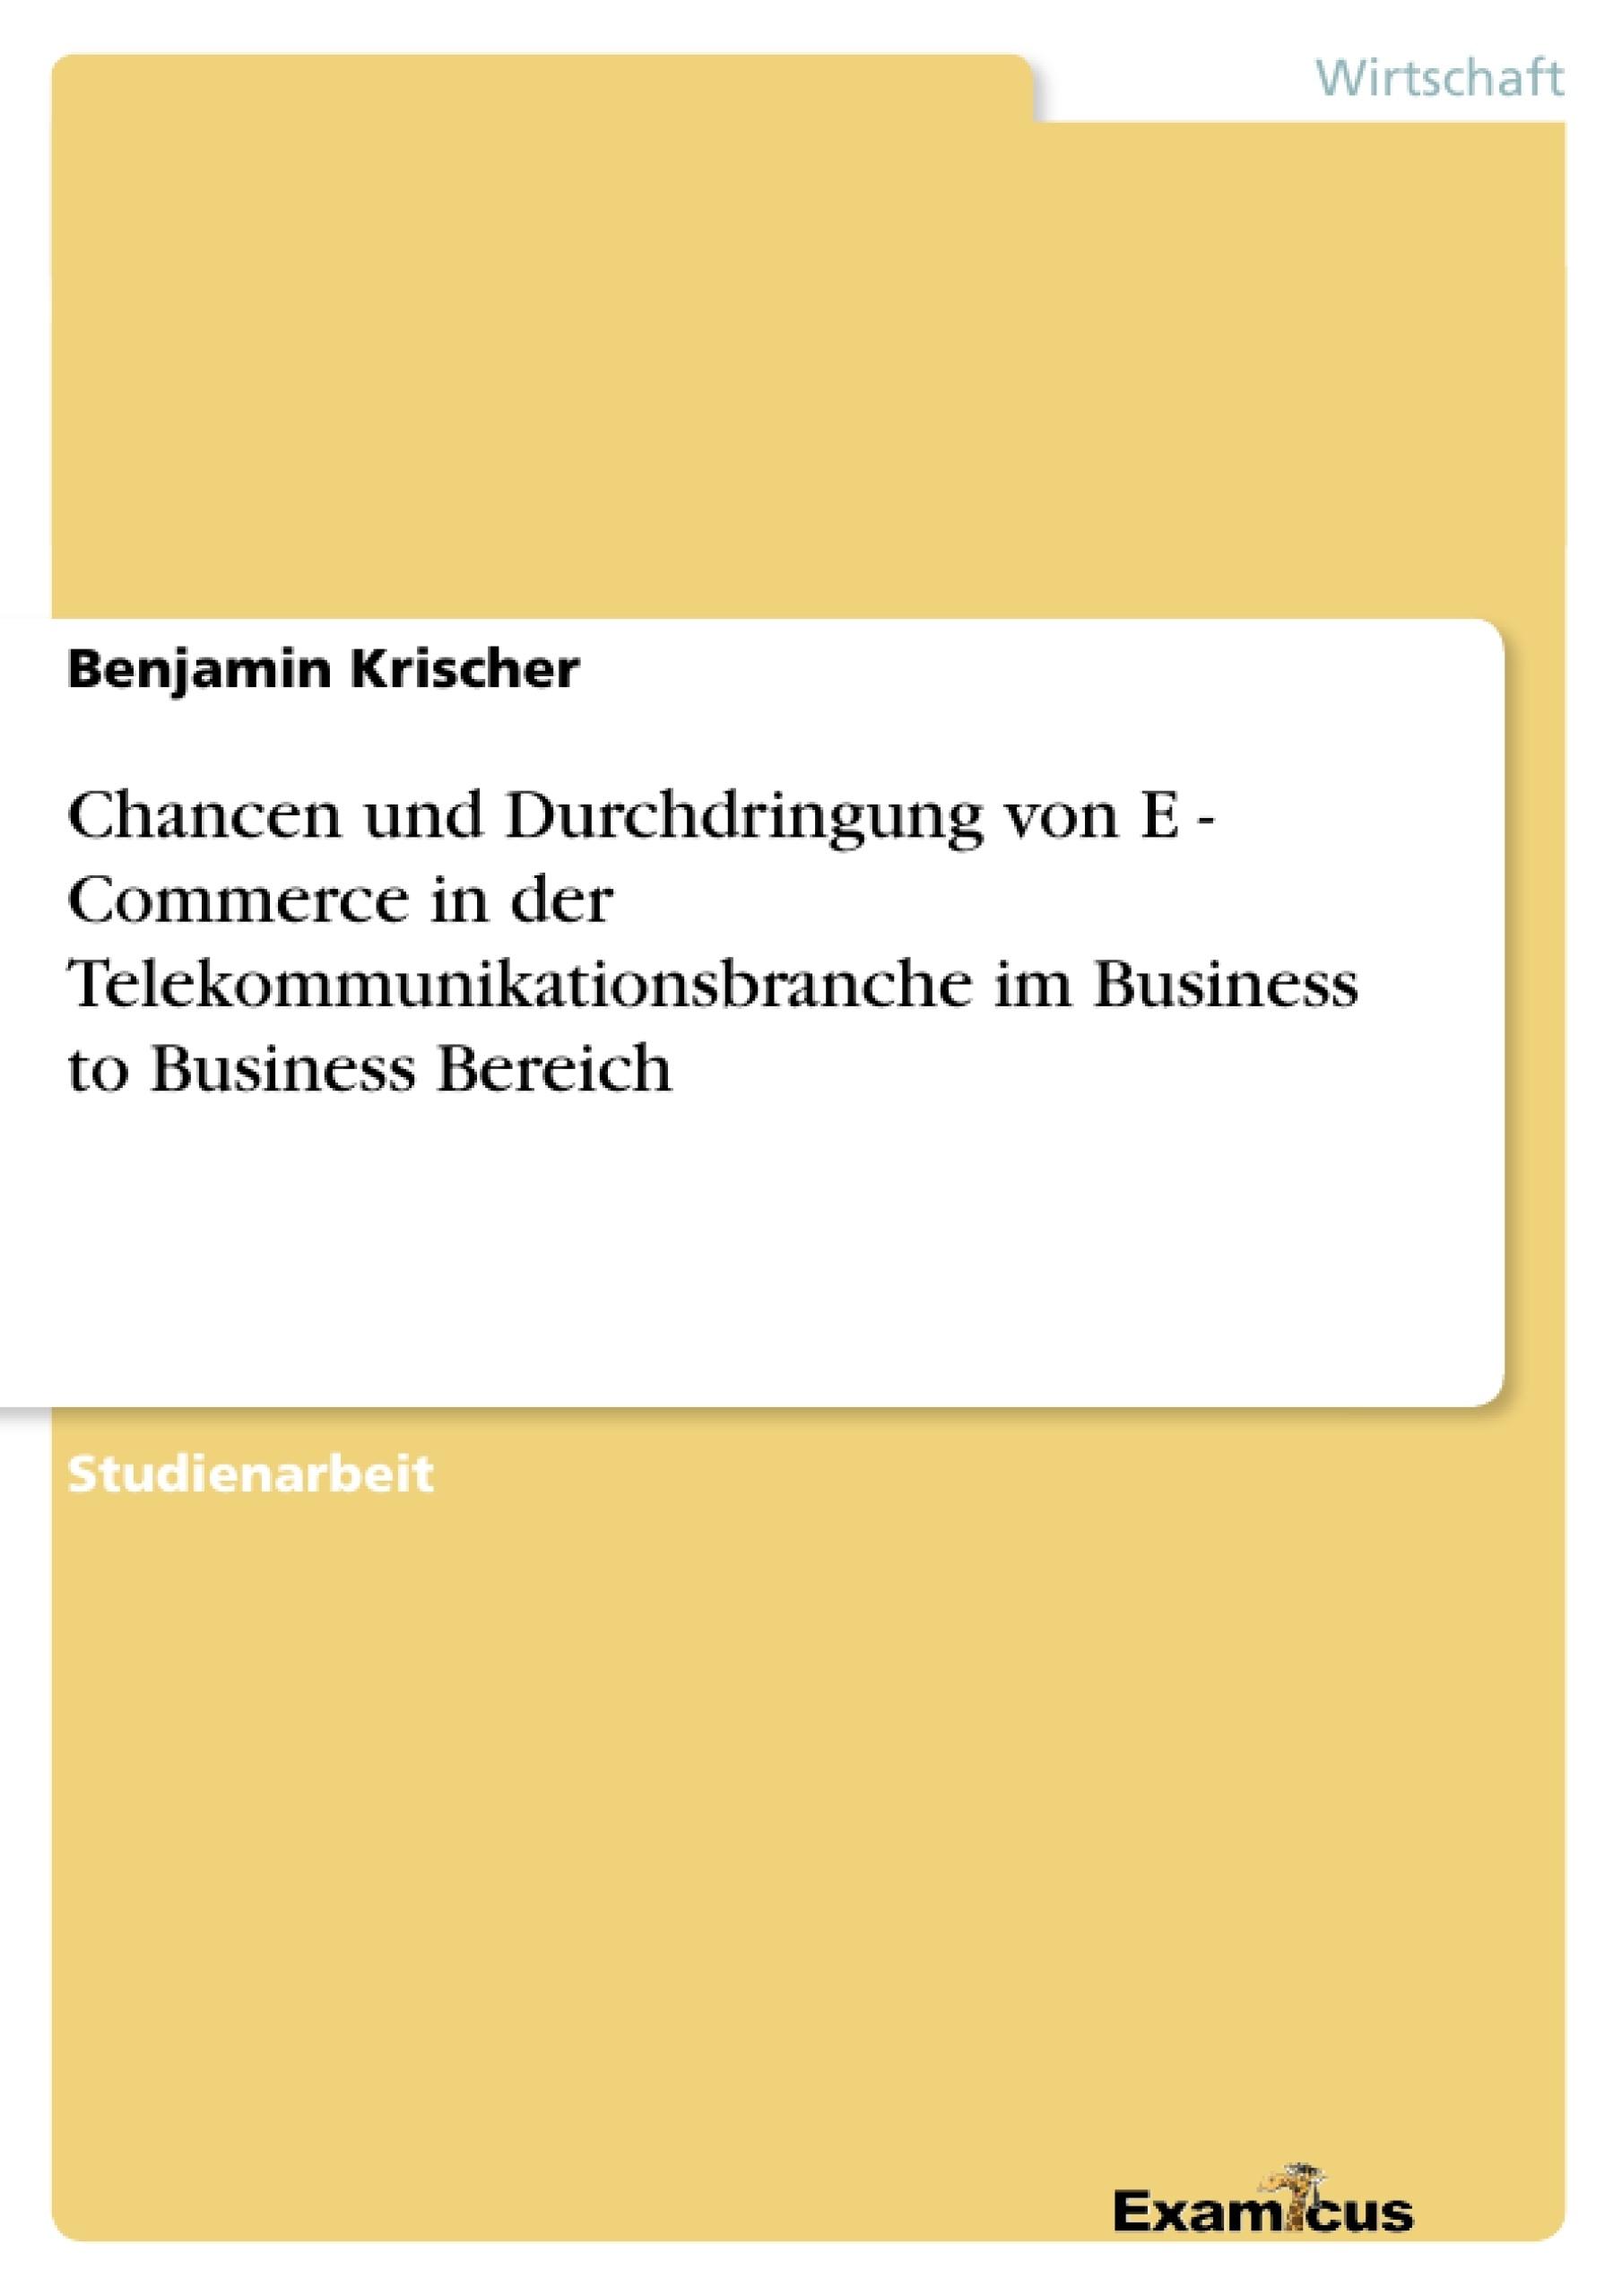 Titel: Chancen und Durchdringung von E - Commerce in derTelekommunikationsbranche im Business to Business Bereich